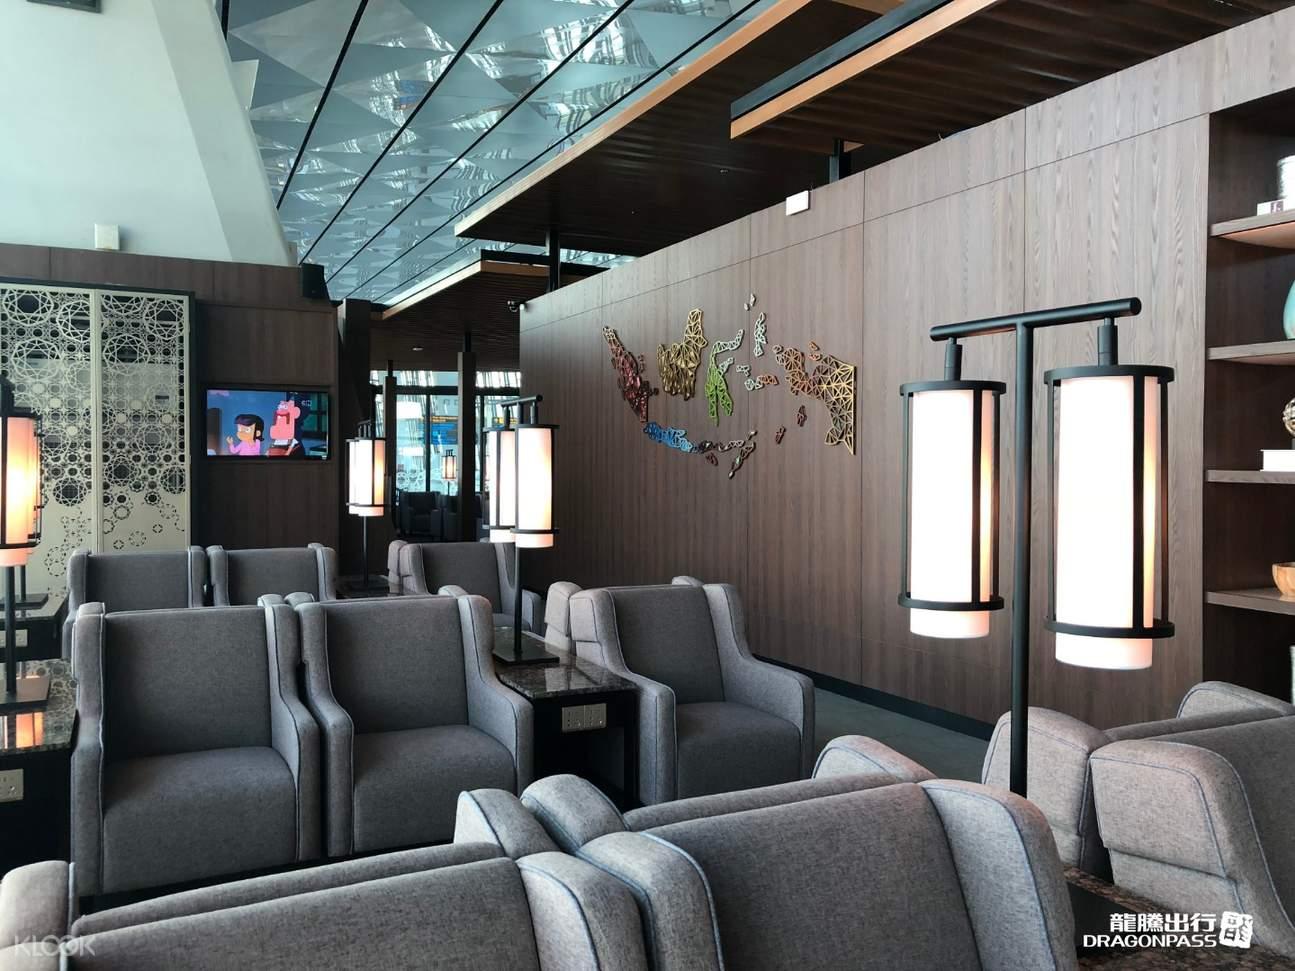 雅加达机场贵宾室,苏加诺-哈达国际机场休息室,雅加达机场休息室